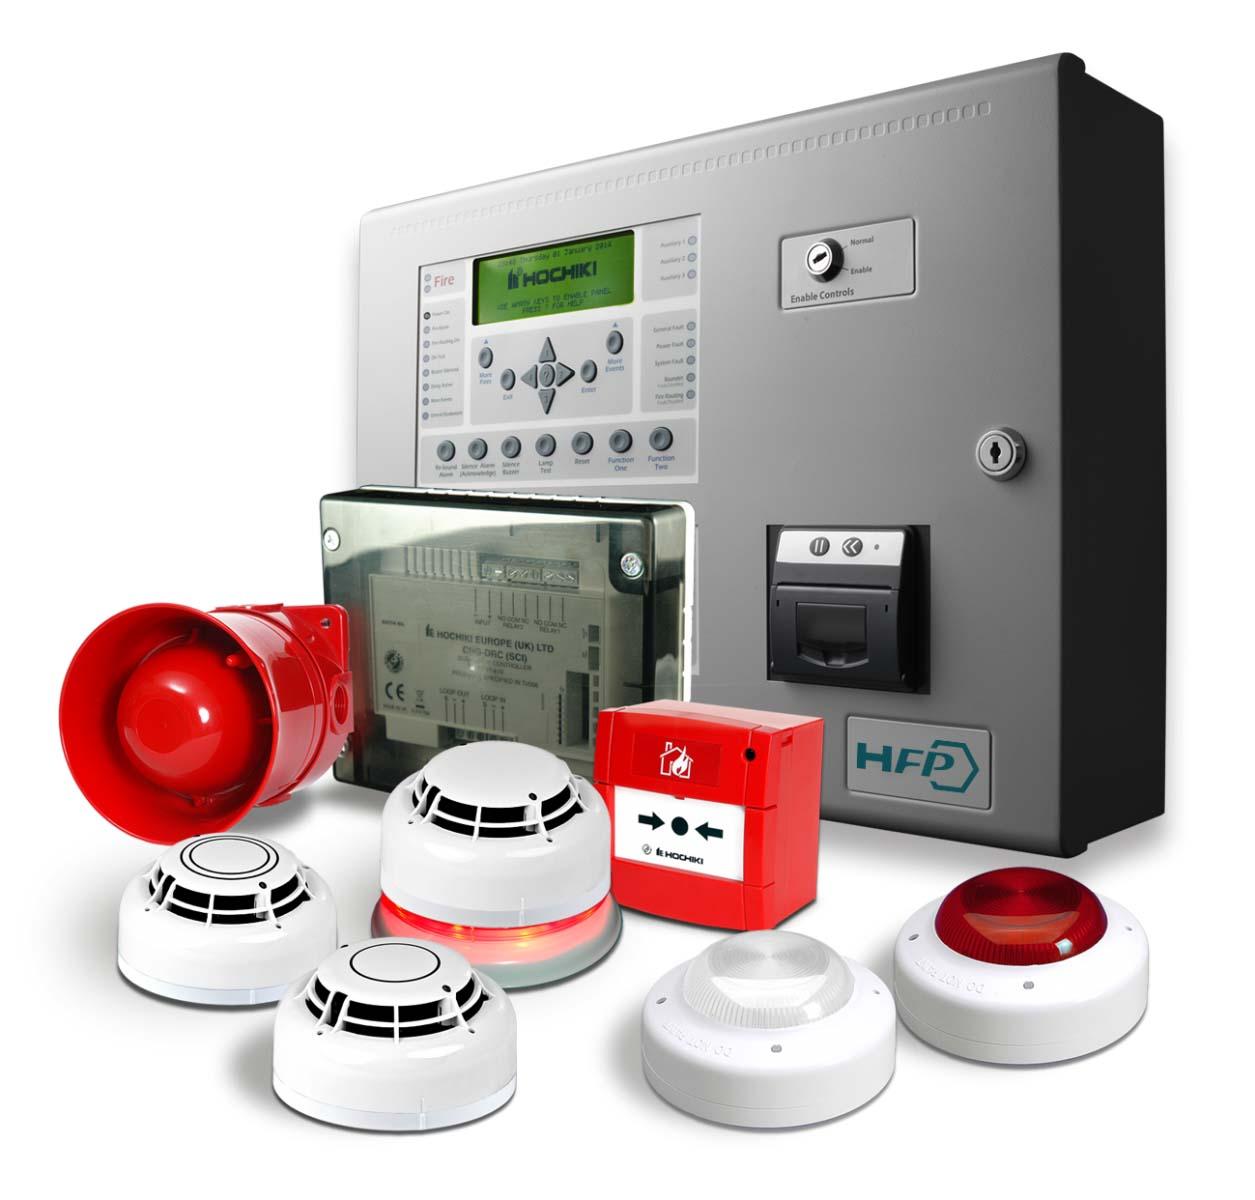 Требования к пожарной сигнализации: нормативы, регламентирующие разработку проекта, характеристики кабелей, монтаж и обслуживание